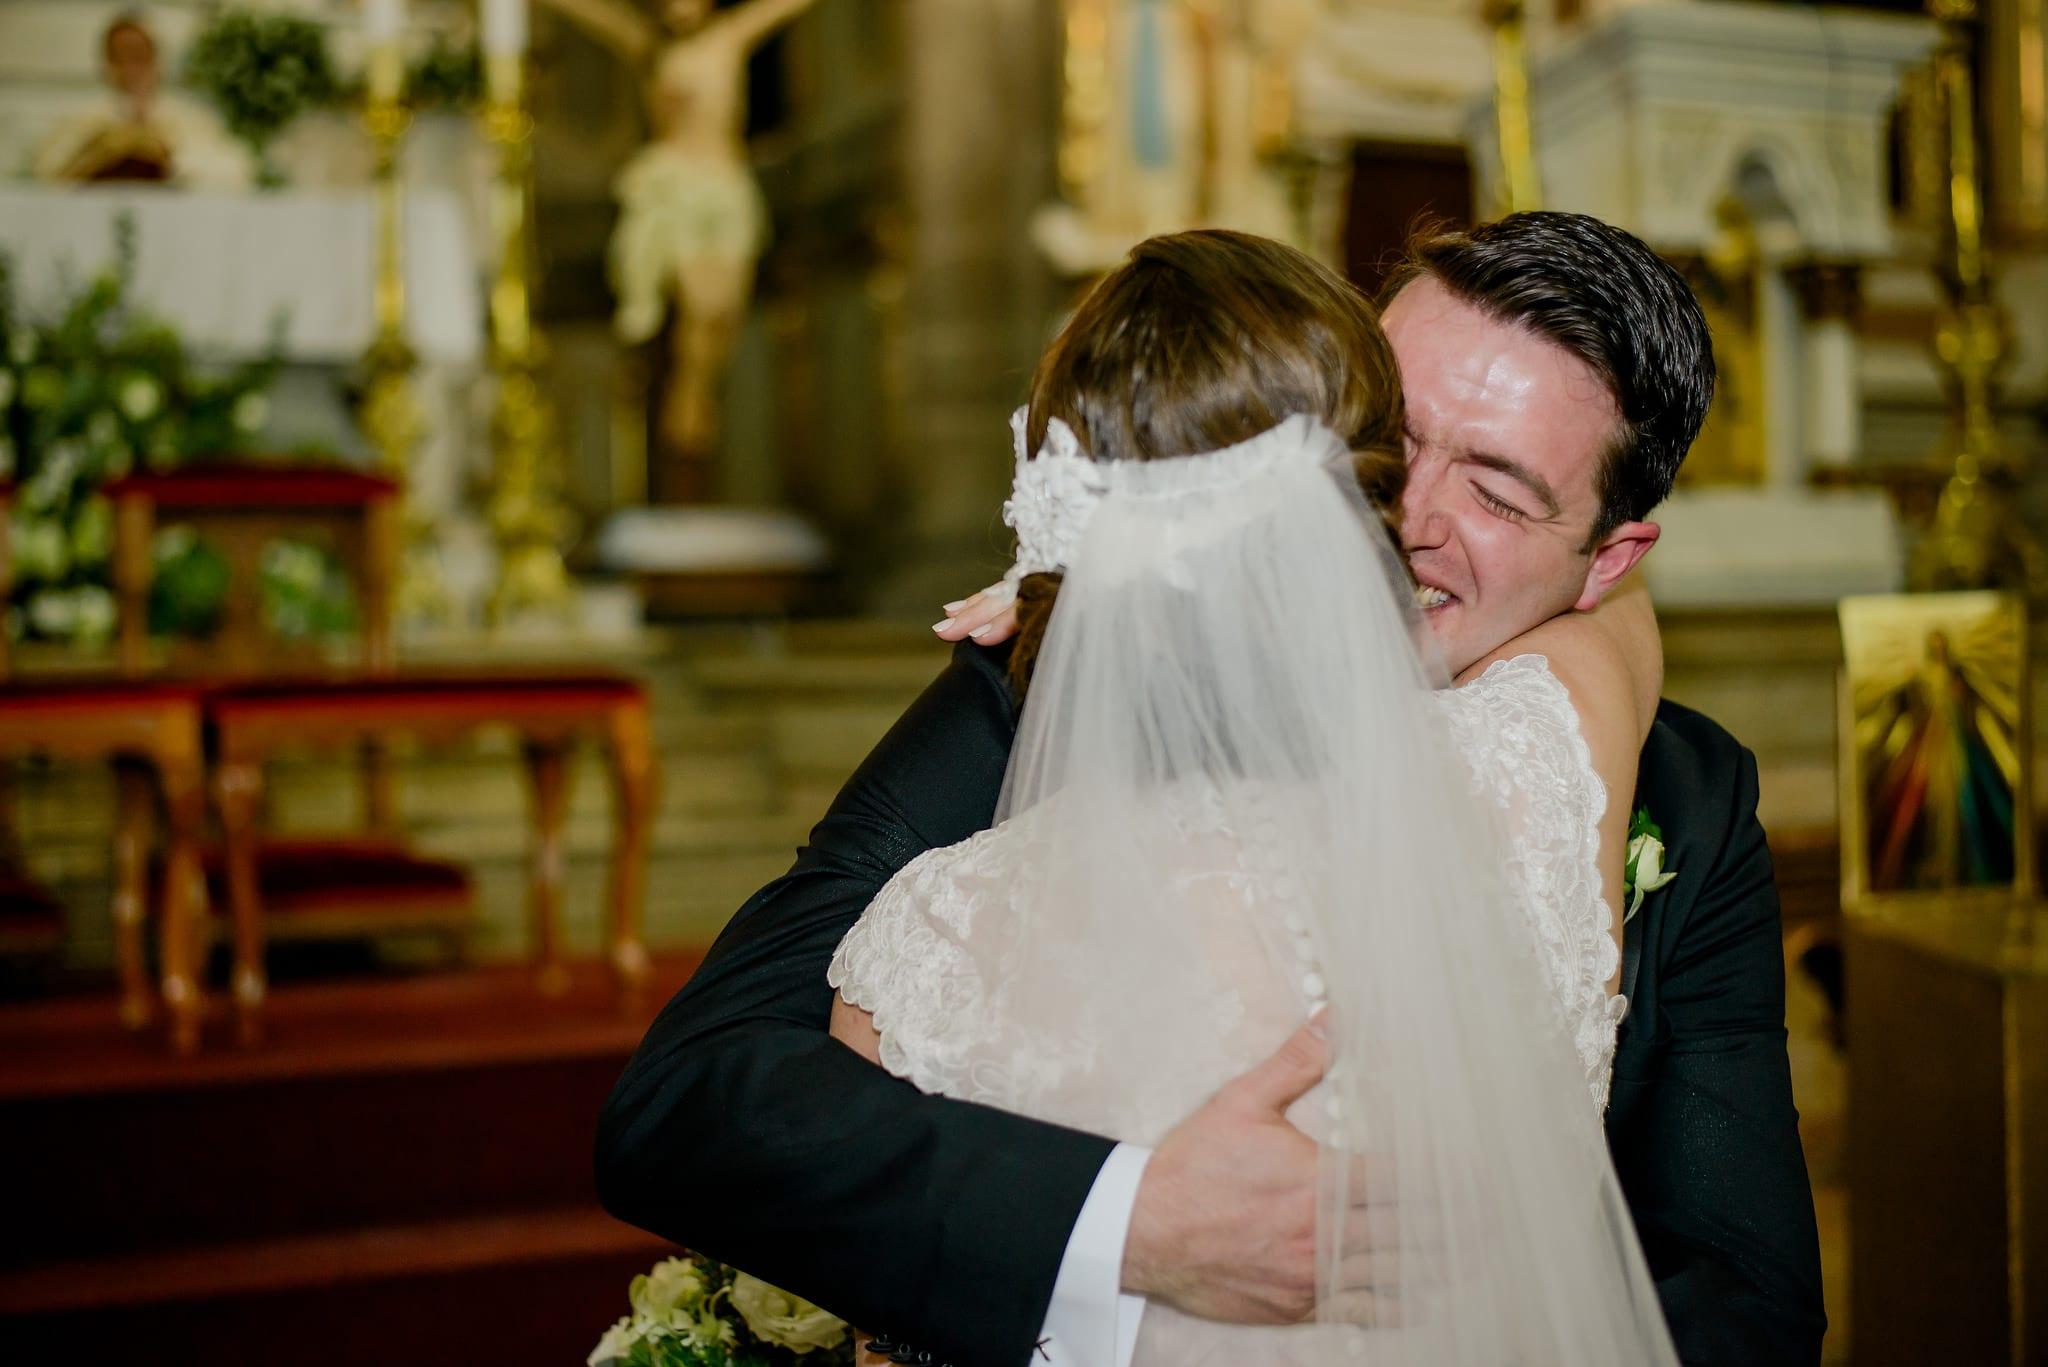 bodas-en-puebla-museo-de-san-pedro-la-compañia-0878